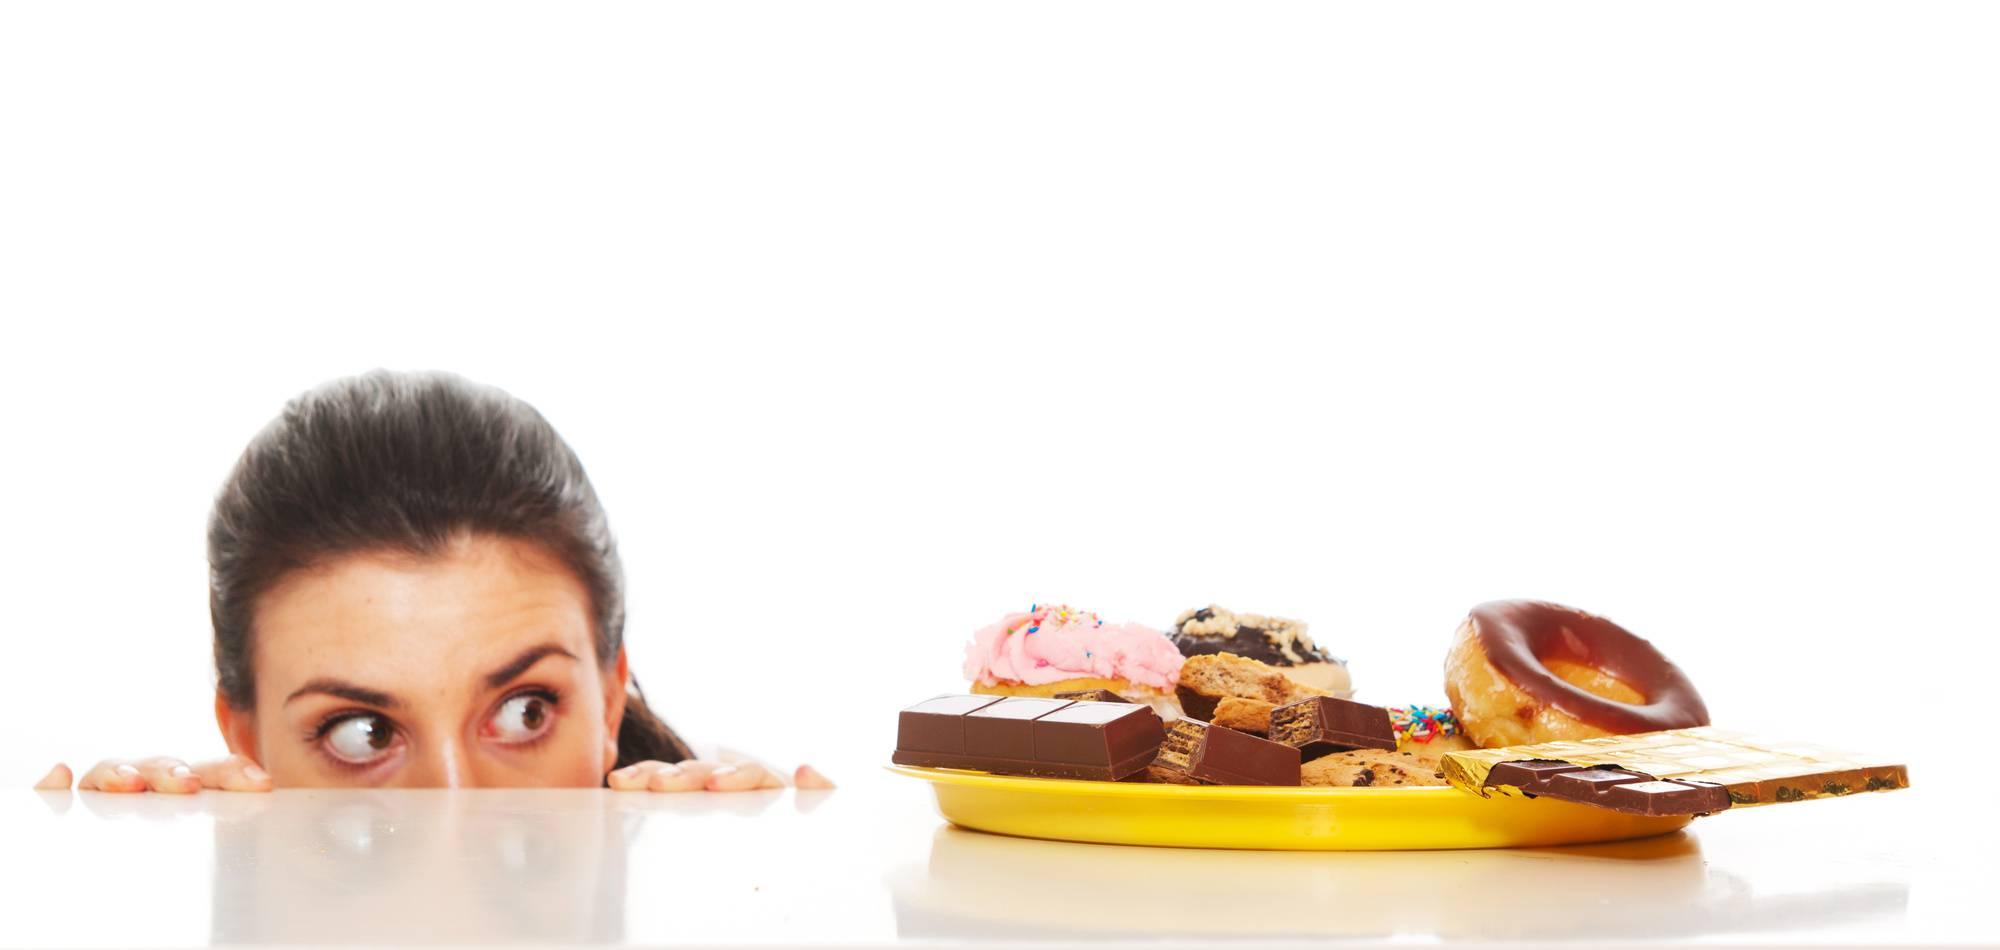 اعتیاد غذایی و راهکارهای غلبه بر آن